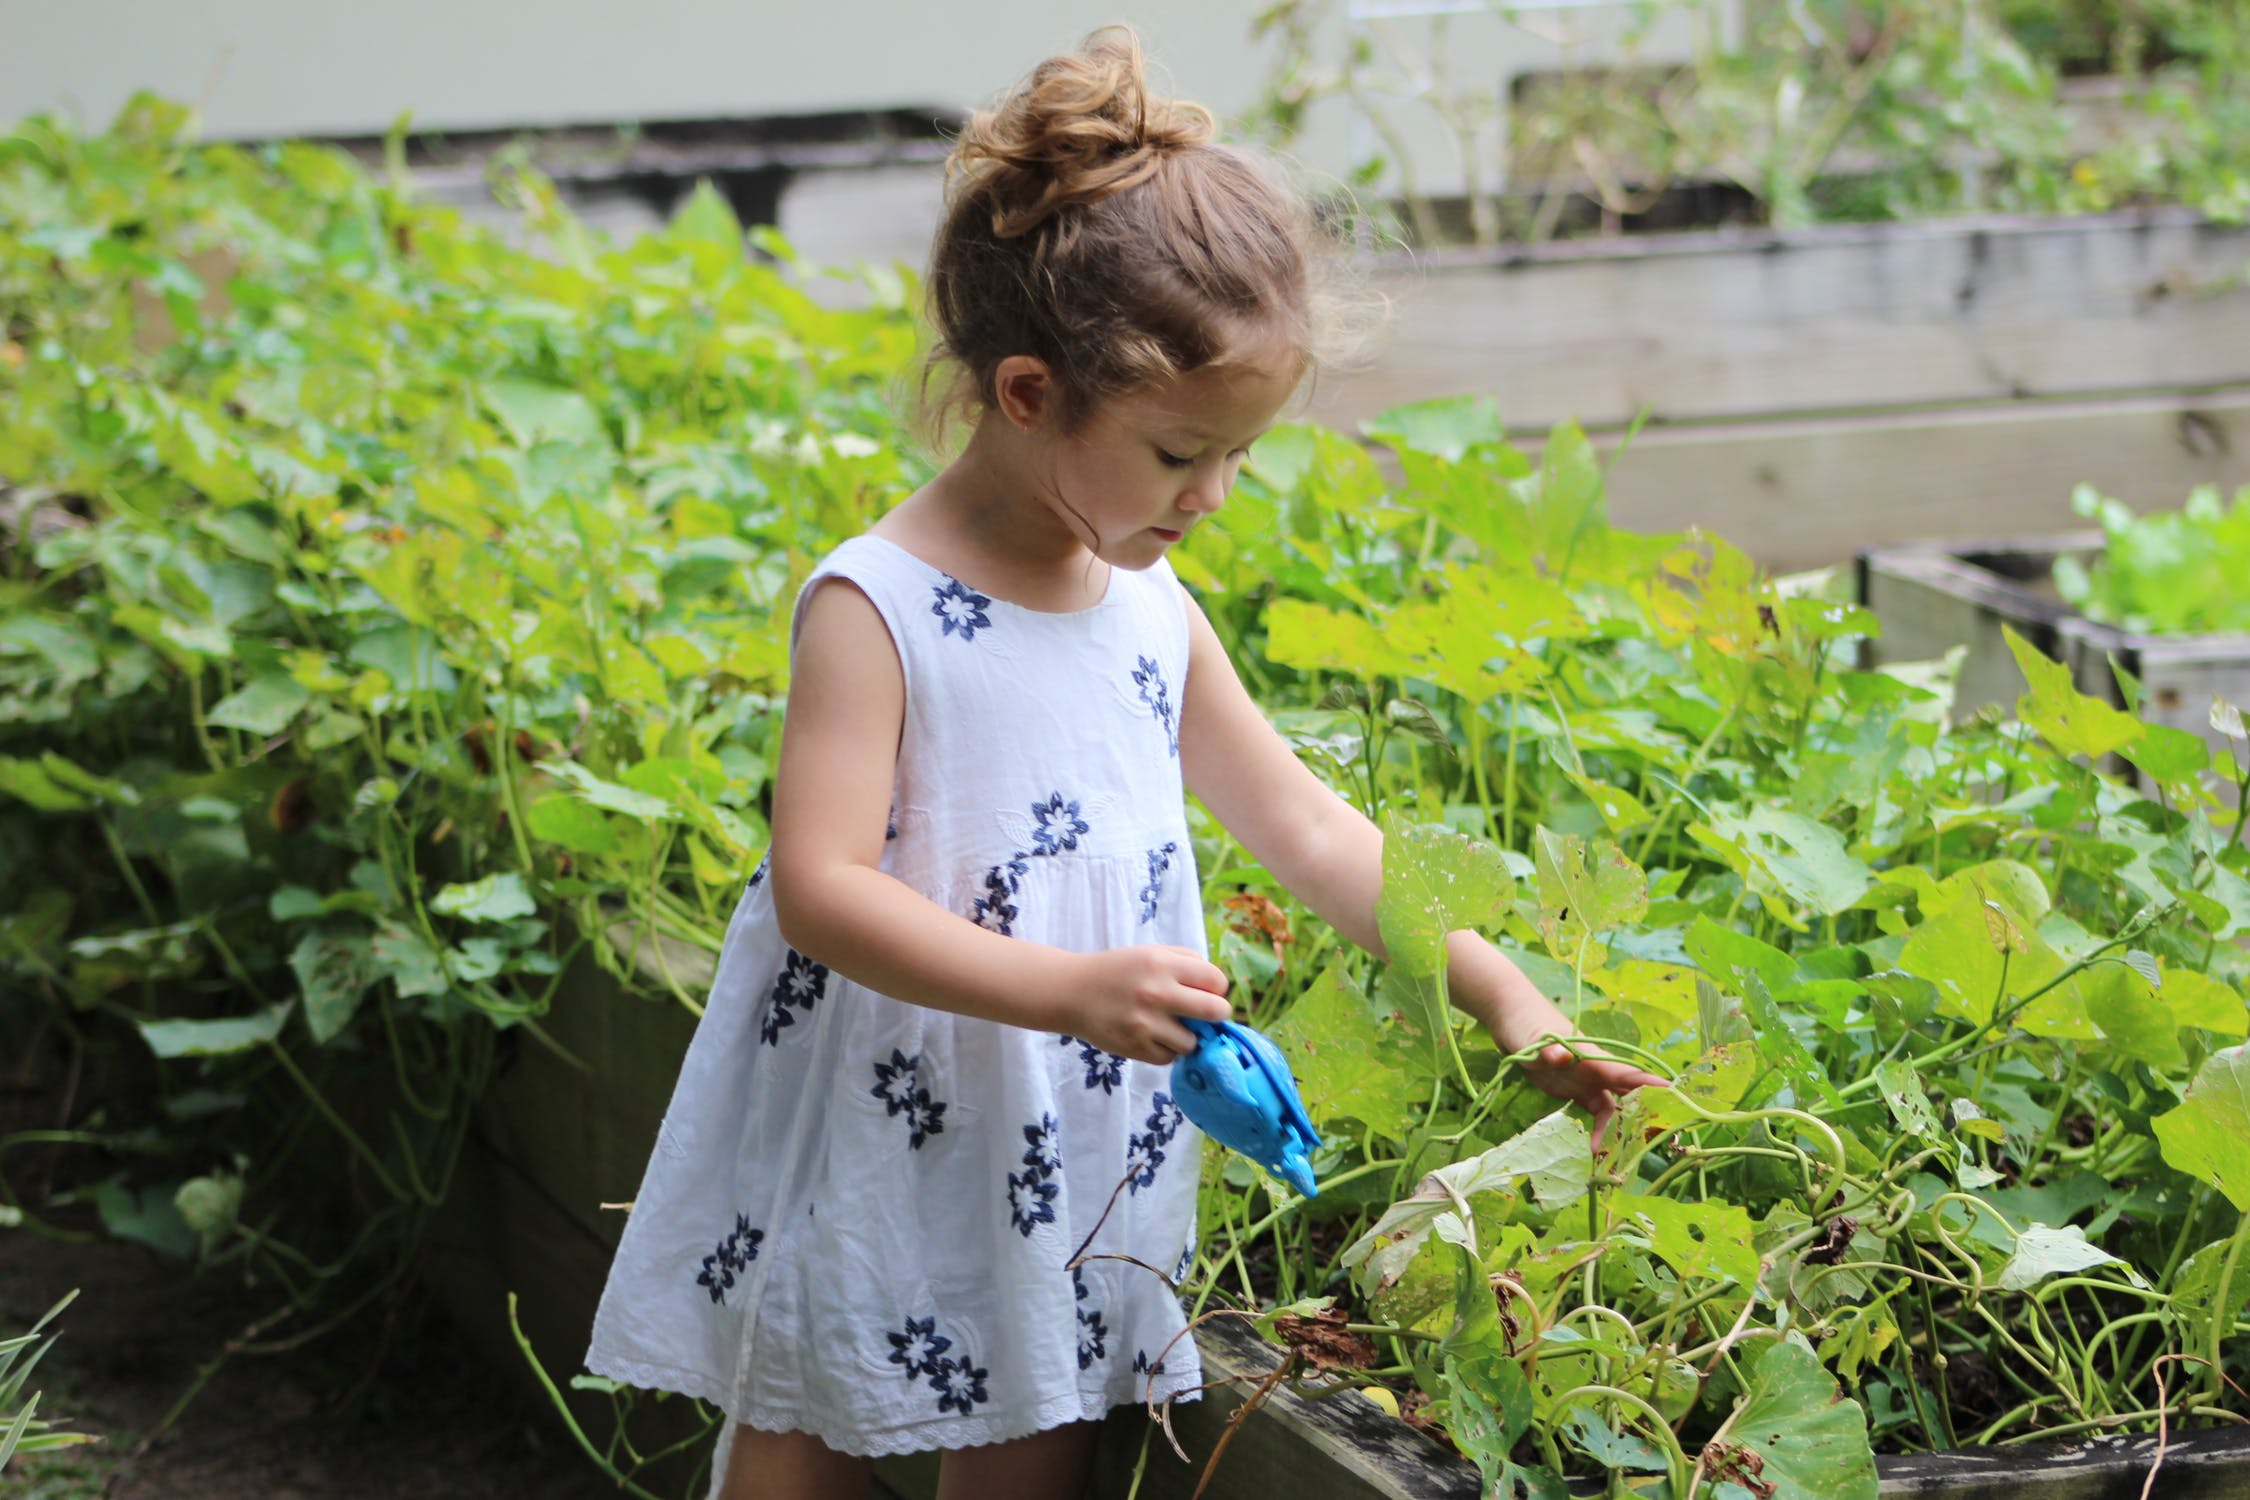 lille pige som vander blomster